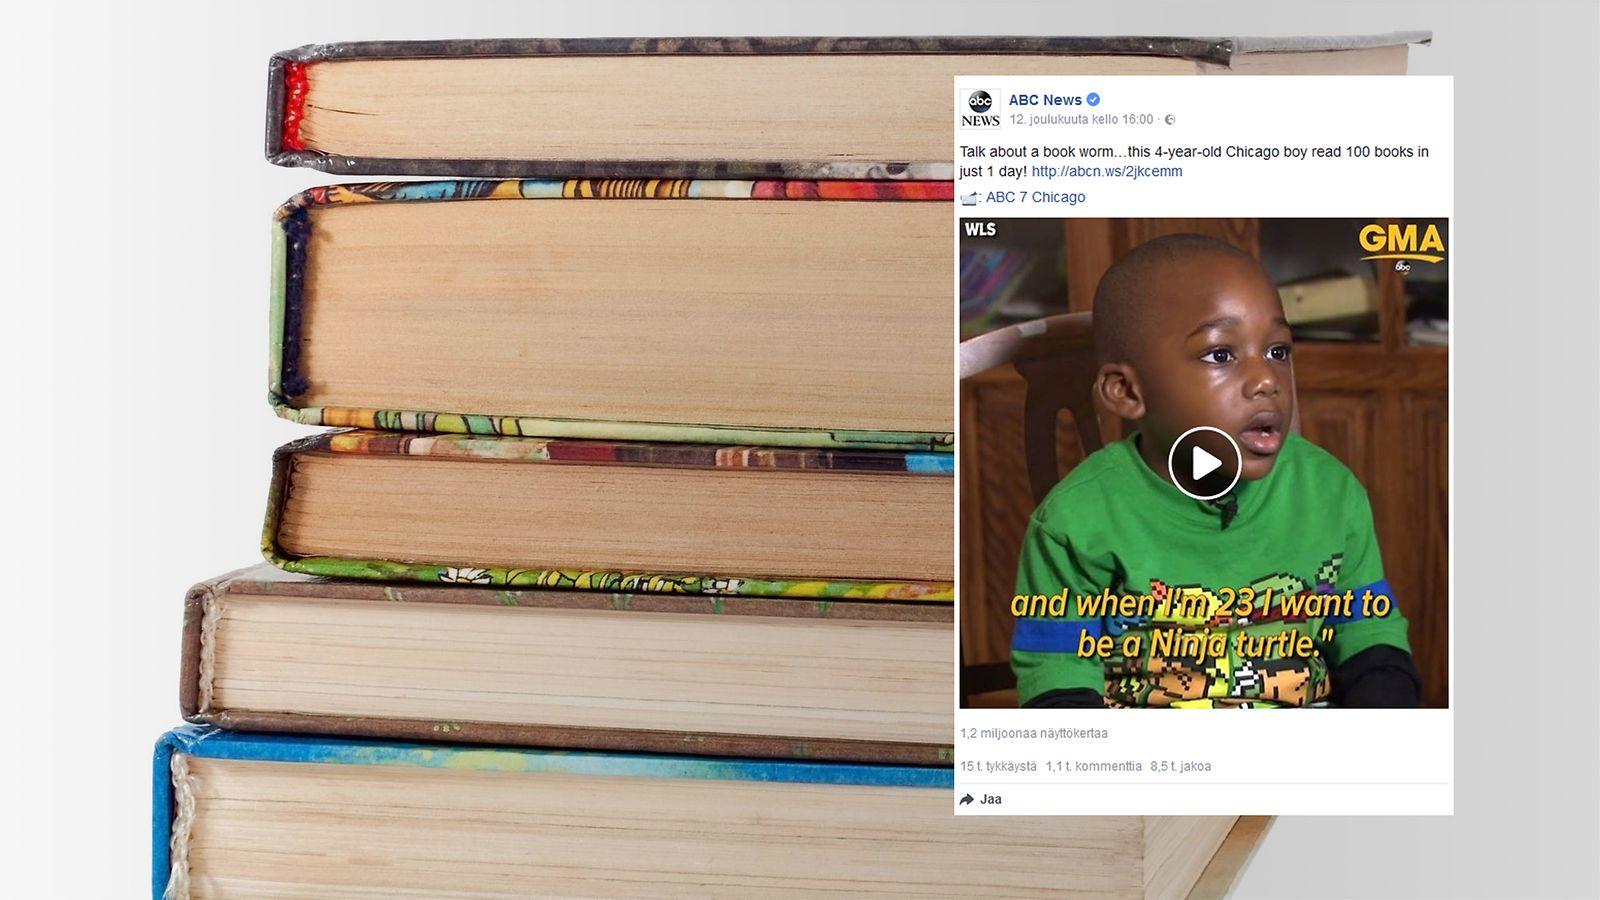 4-vuotias poika luki 100 kirjaa yhdessä päivässä – tempausta seurattiin suorassa Facebook ...